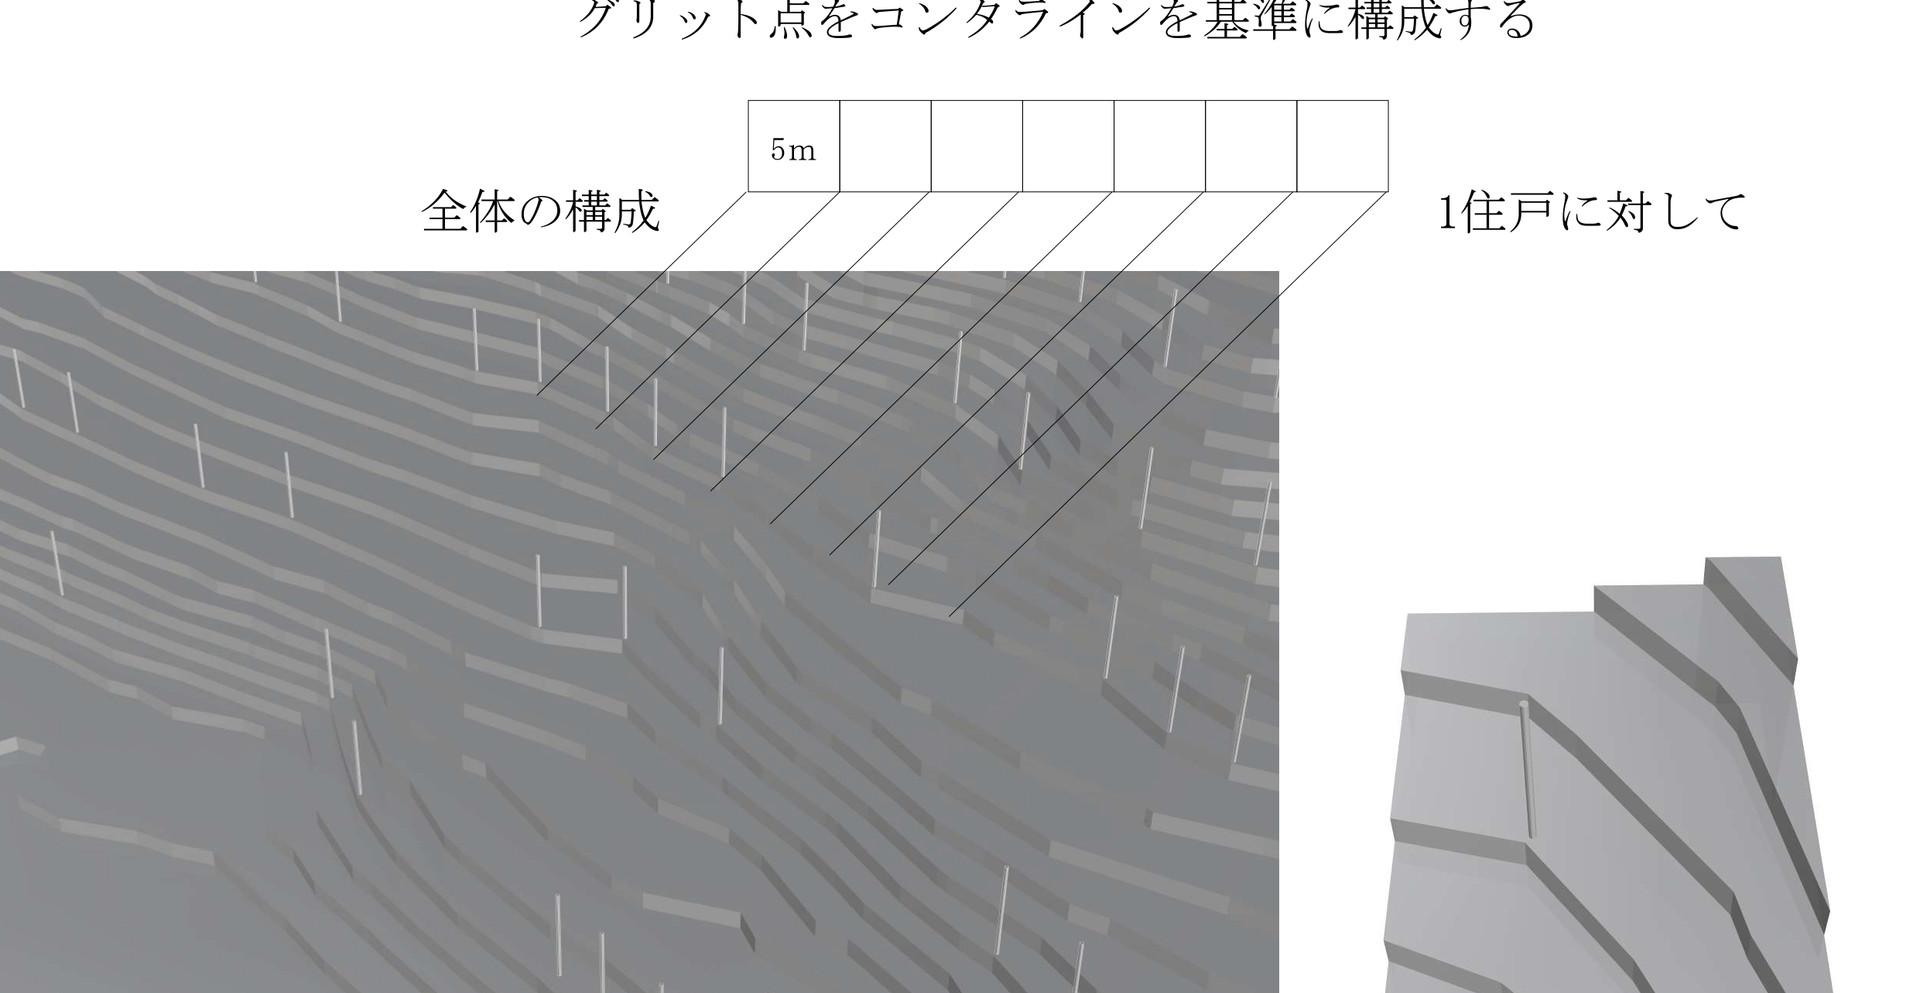 井川日生李 07.jpg